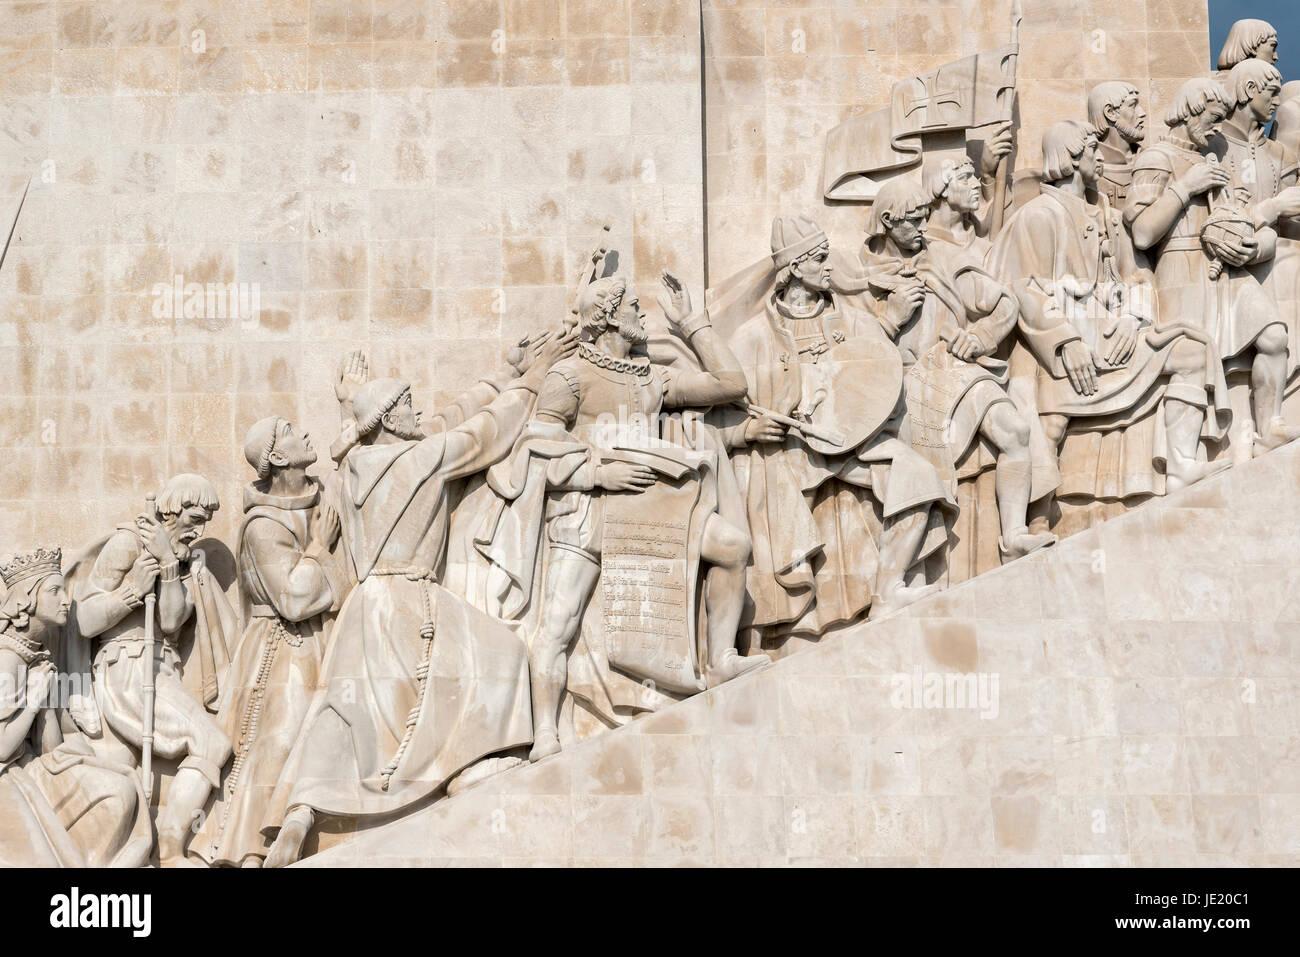 Monument to the Discoveries, Padrão dos Descobrimentos, Belém, Lisbon, Portugal - Stock Image